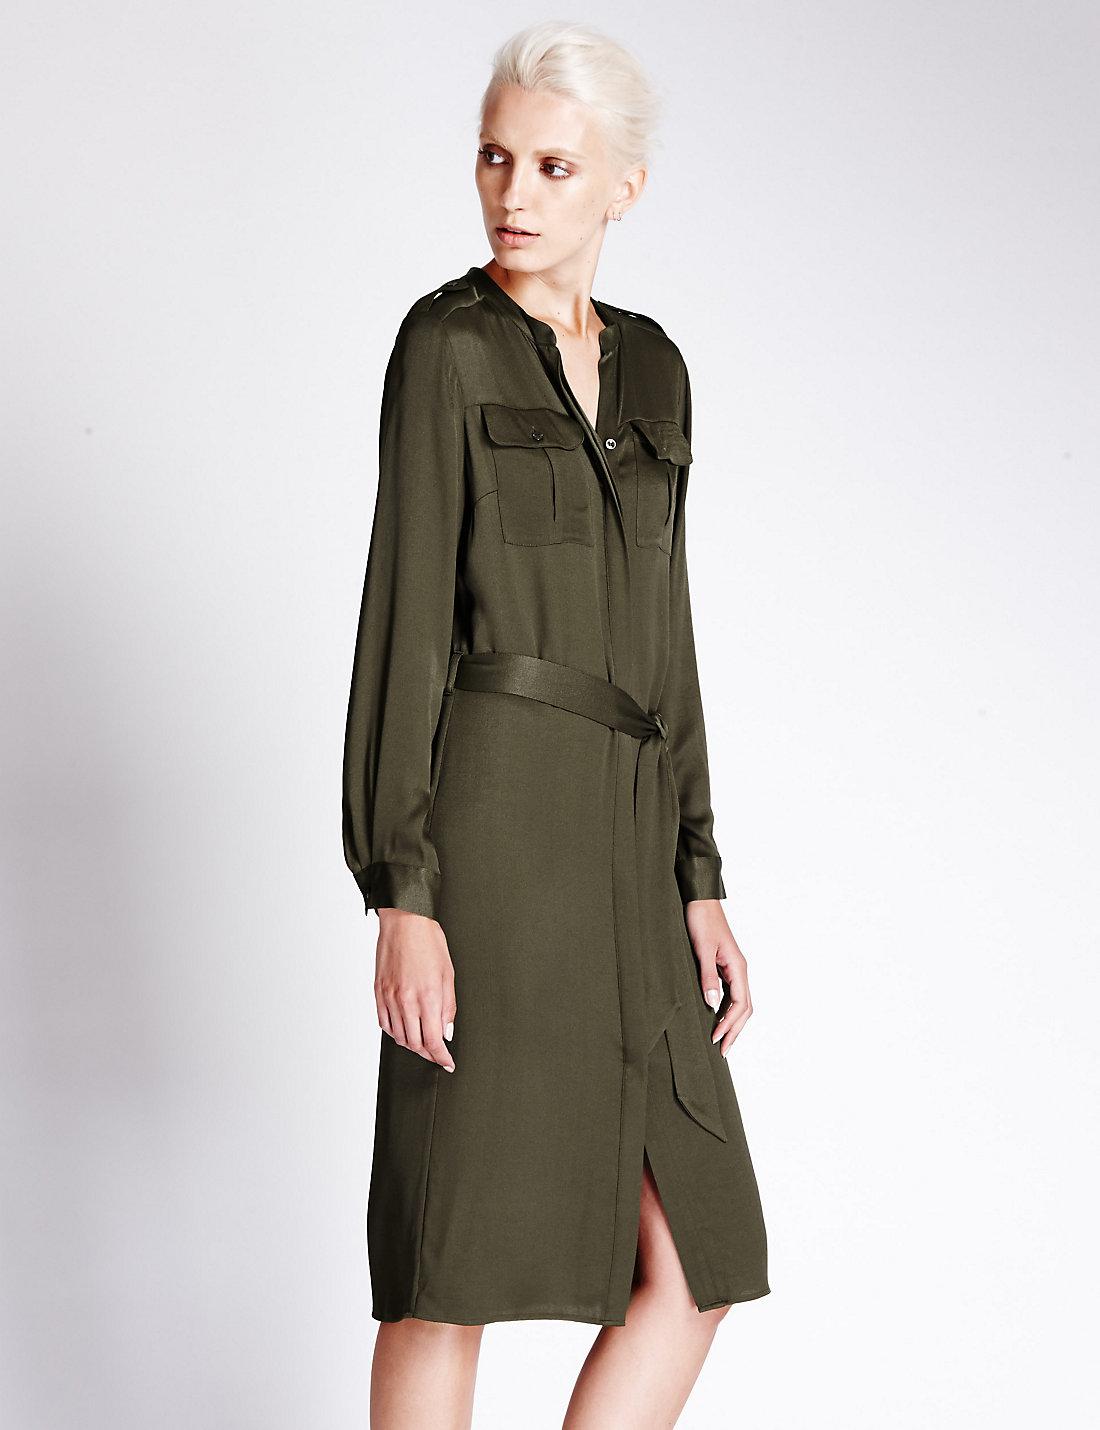 military dress_6297_JR_X_EC_0